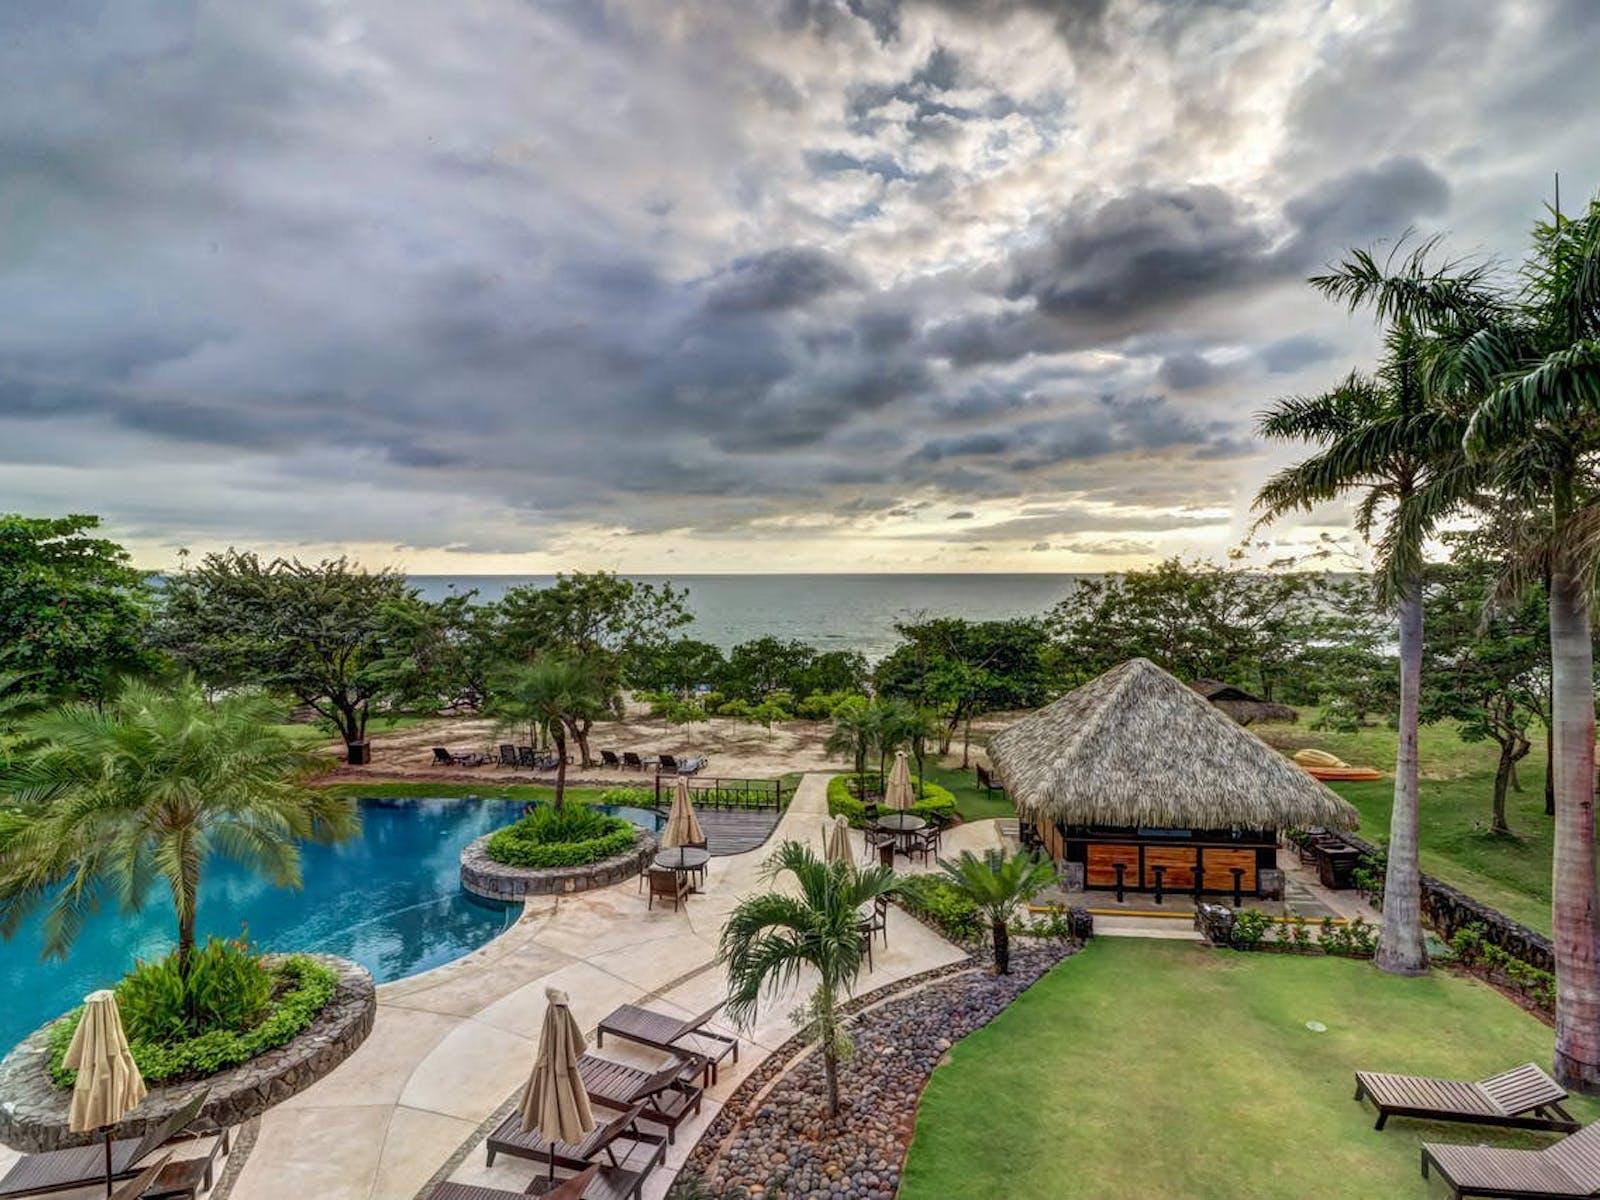 outdoor resort pool in Costa Rica